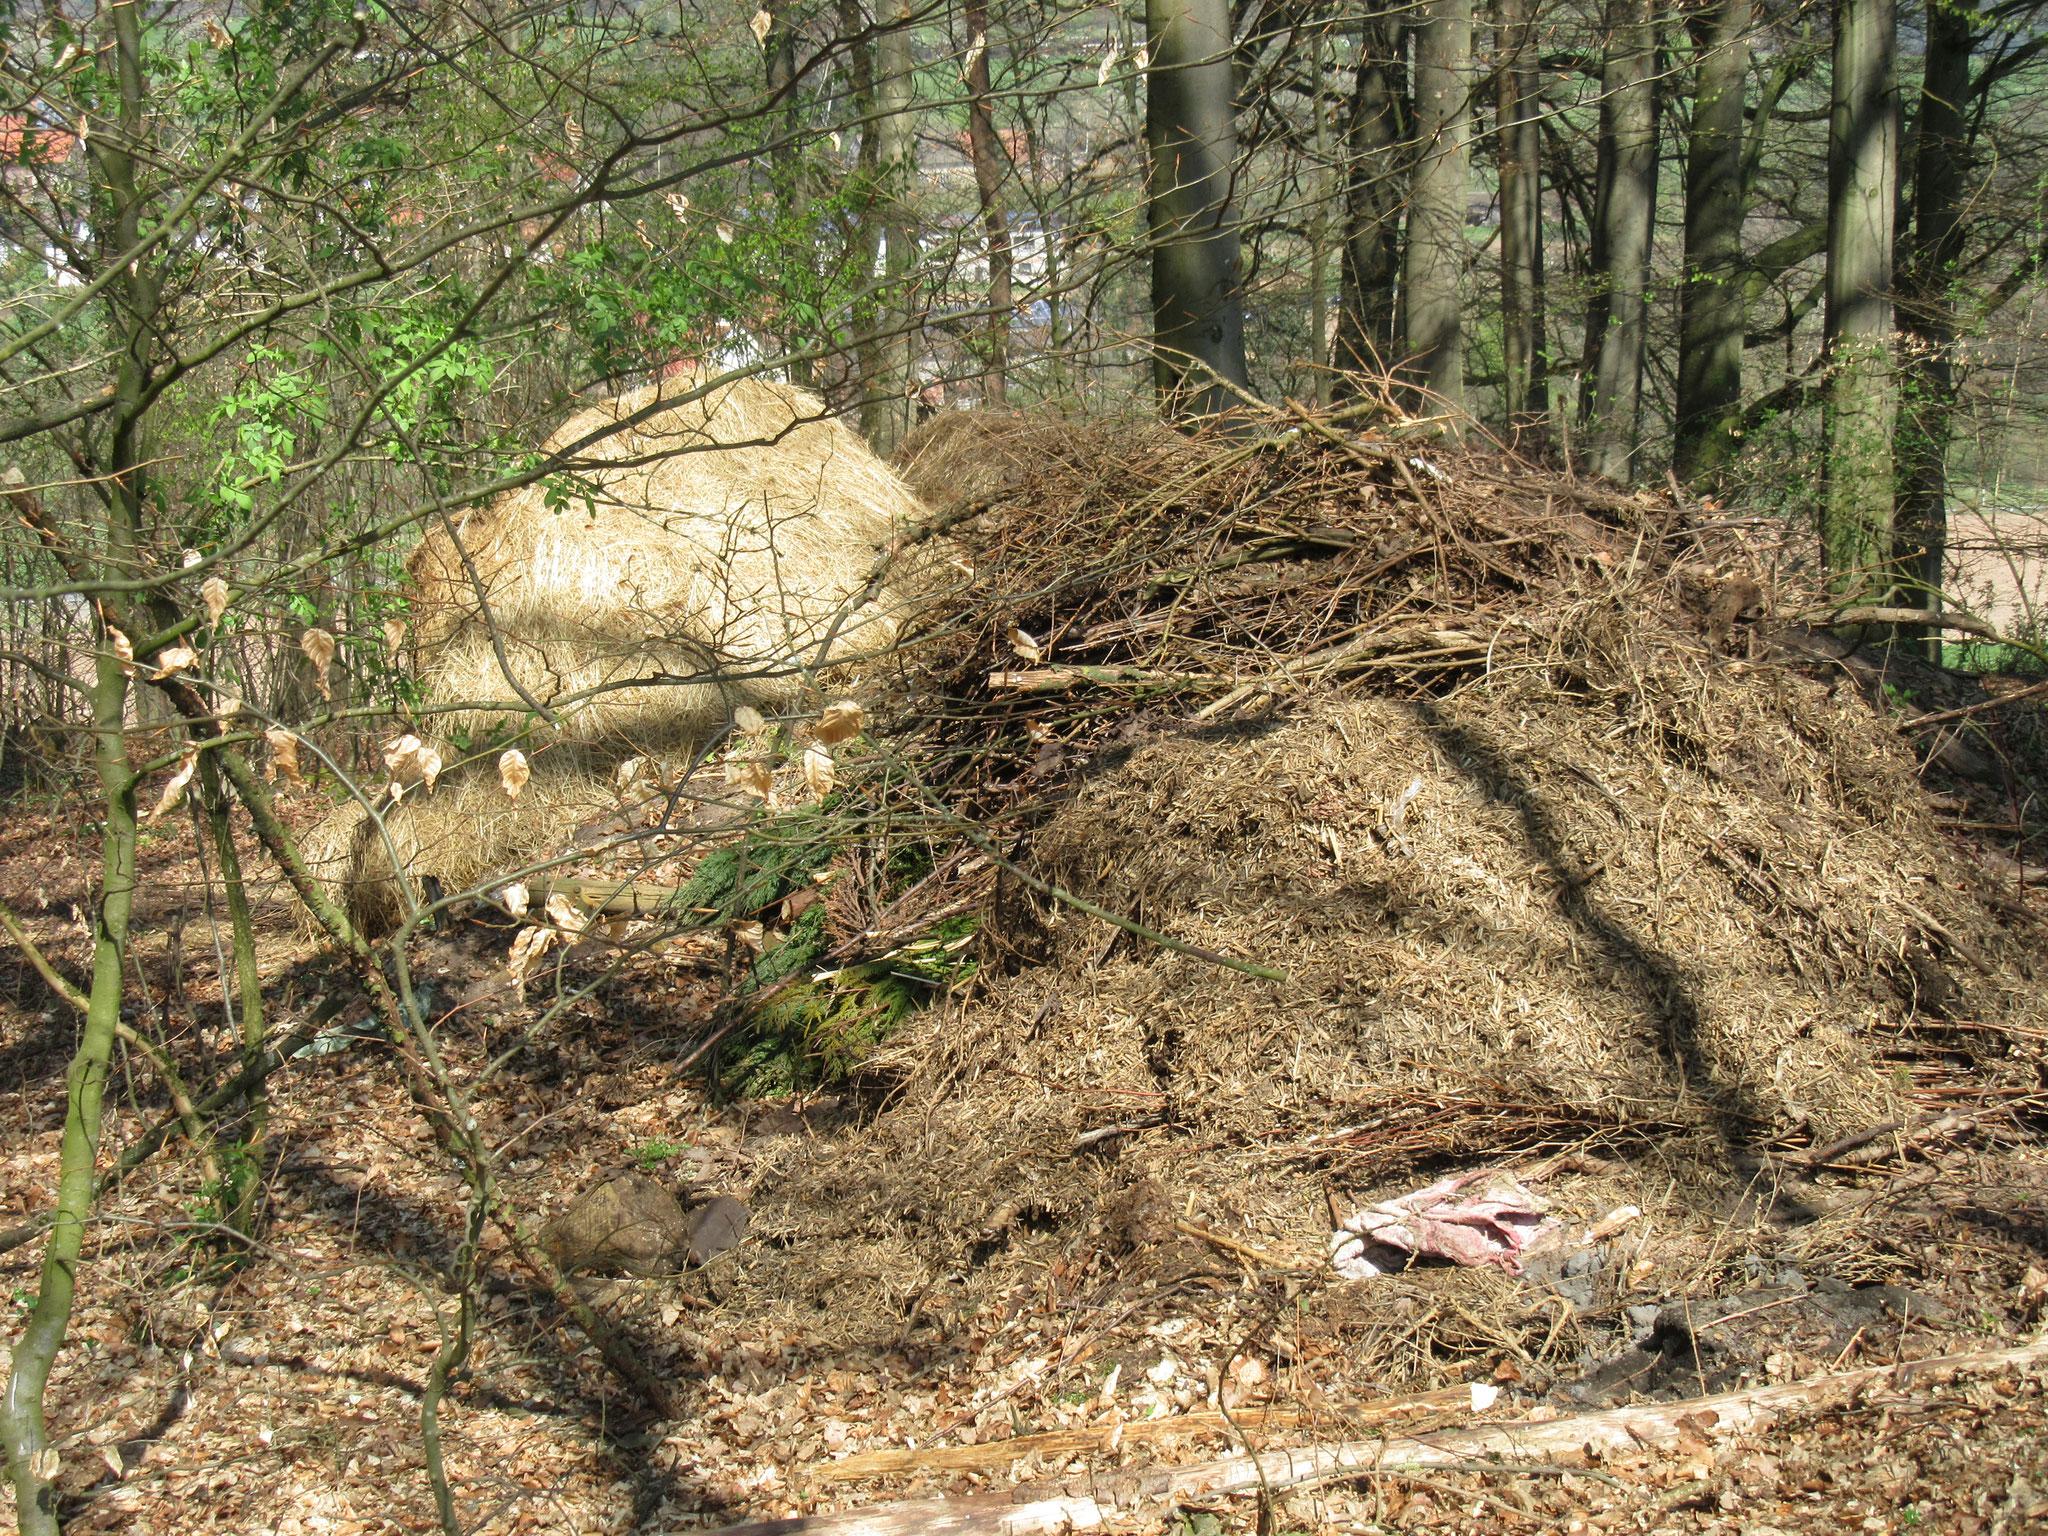 Abfall imWald;gesehen im Bereich Magdlos